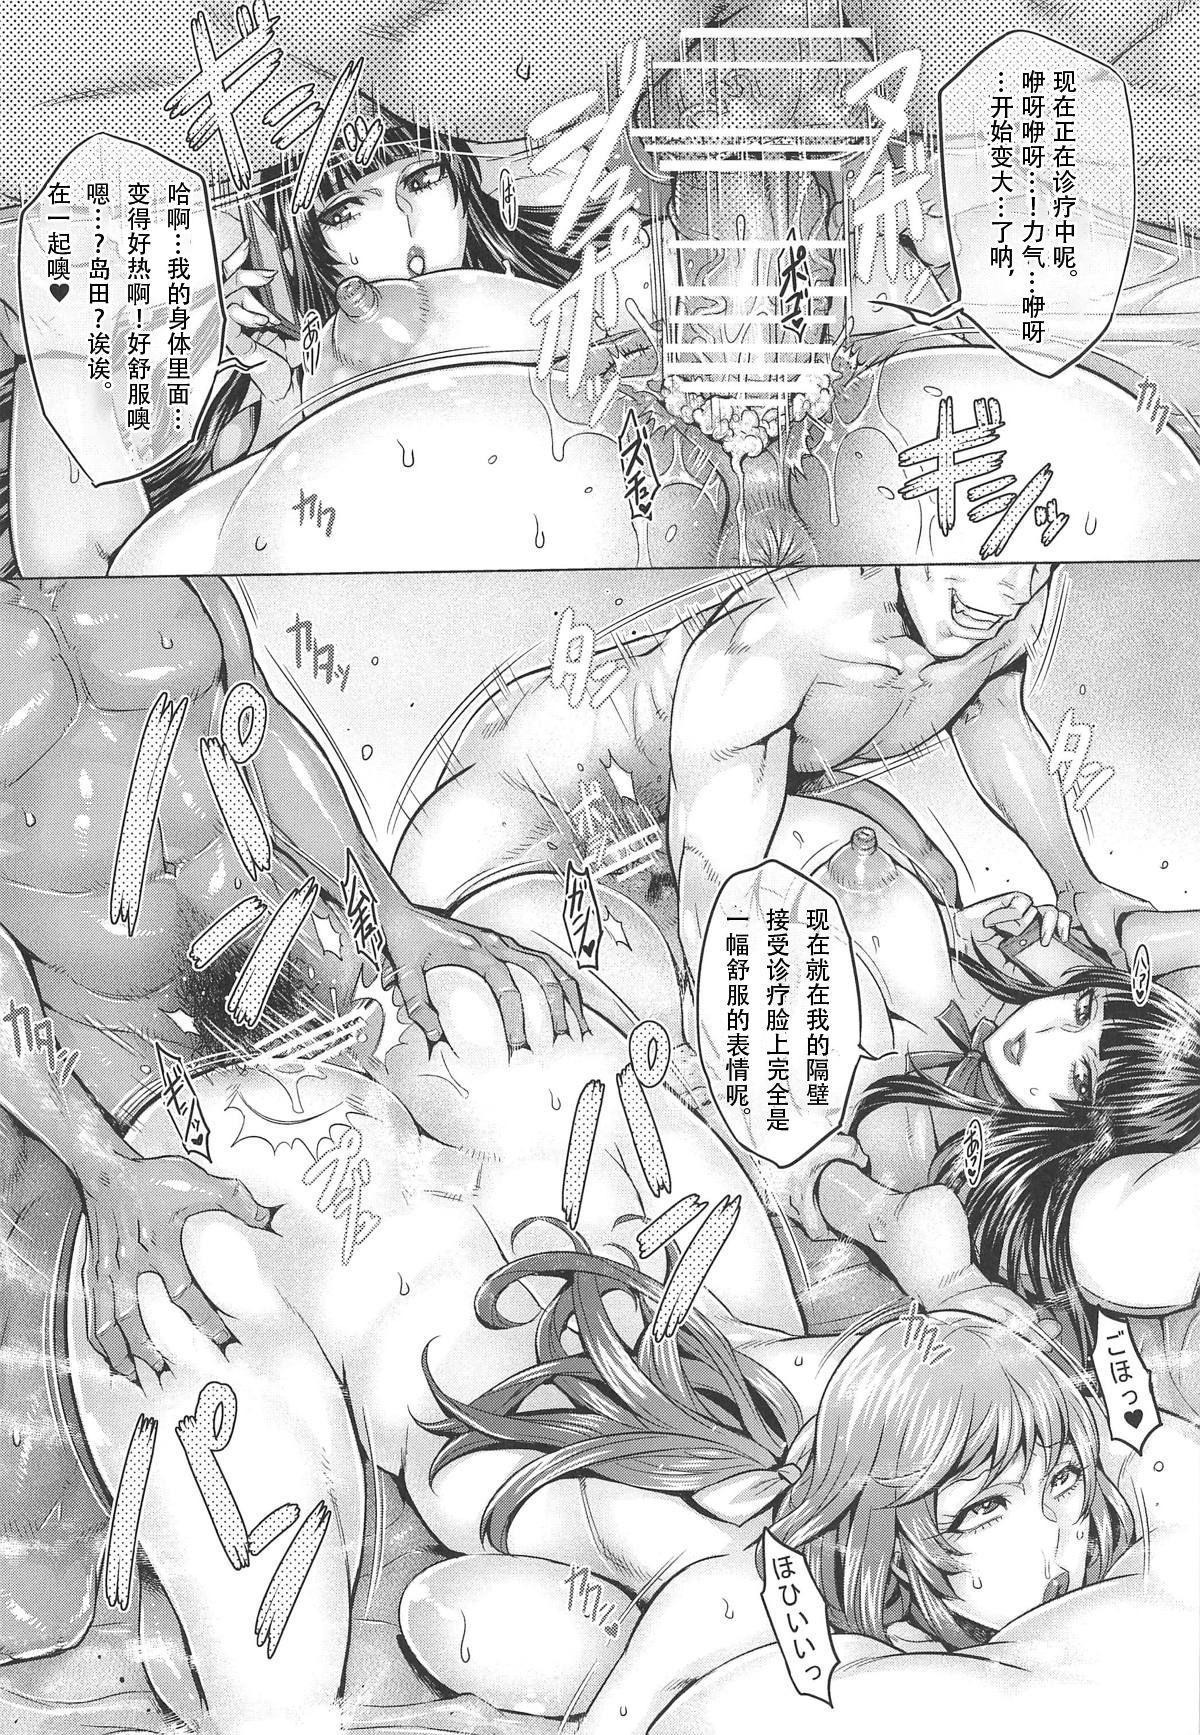 Inran Iemoto no Sennou Nakadashi Settai 14